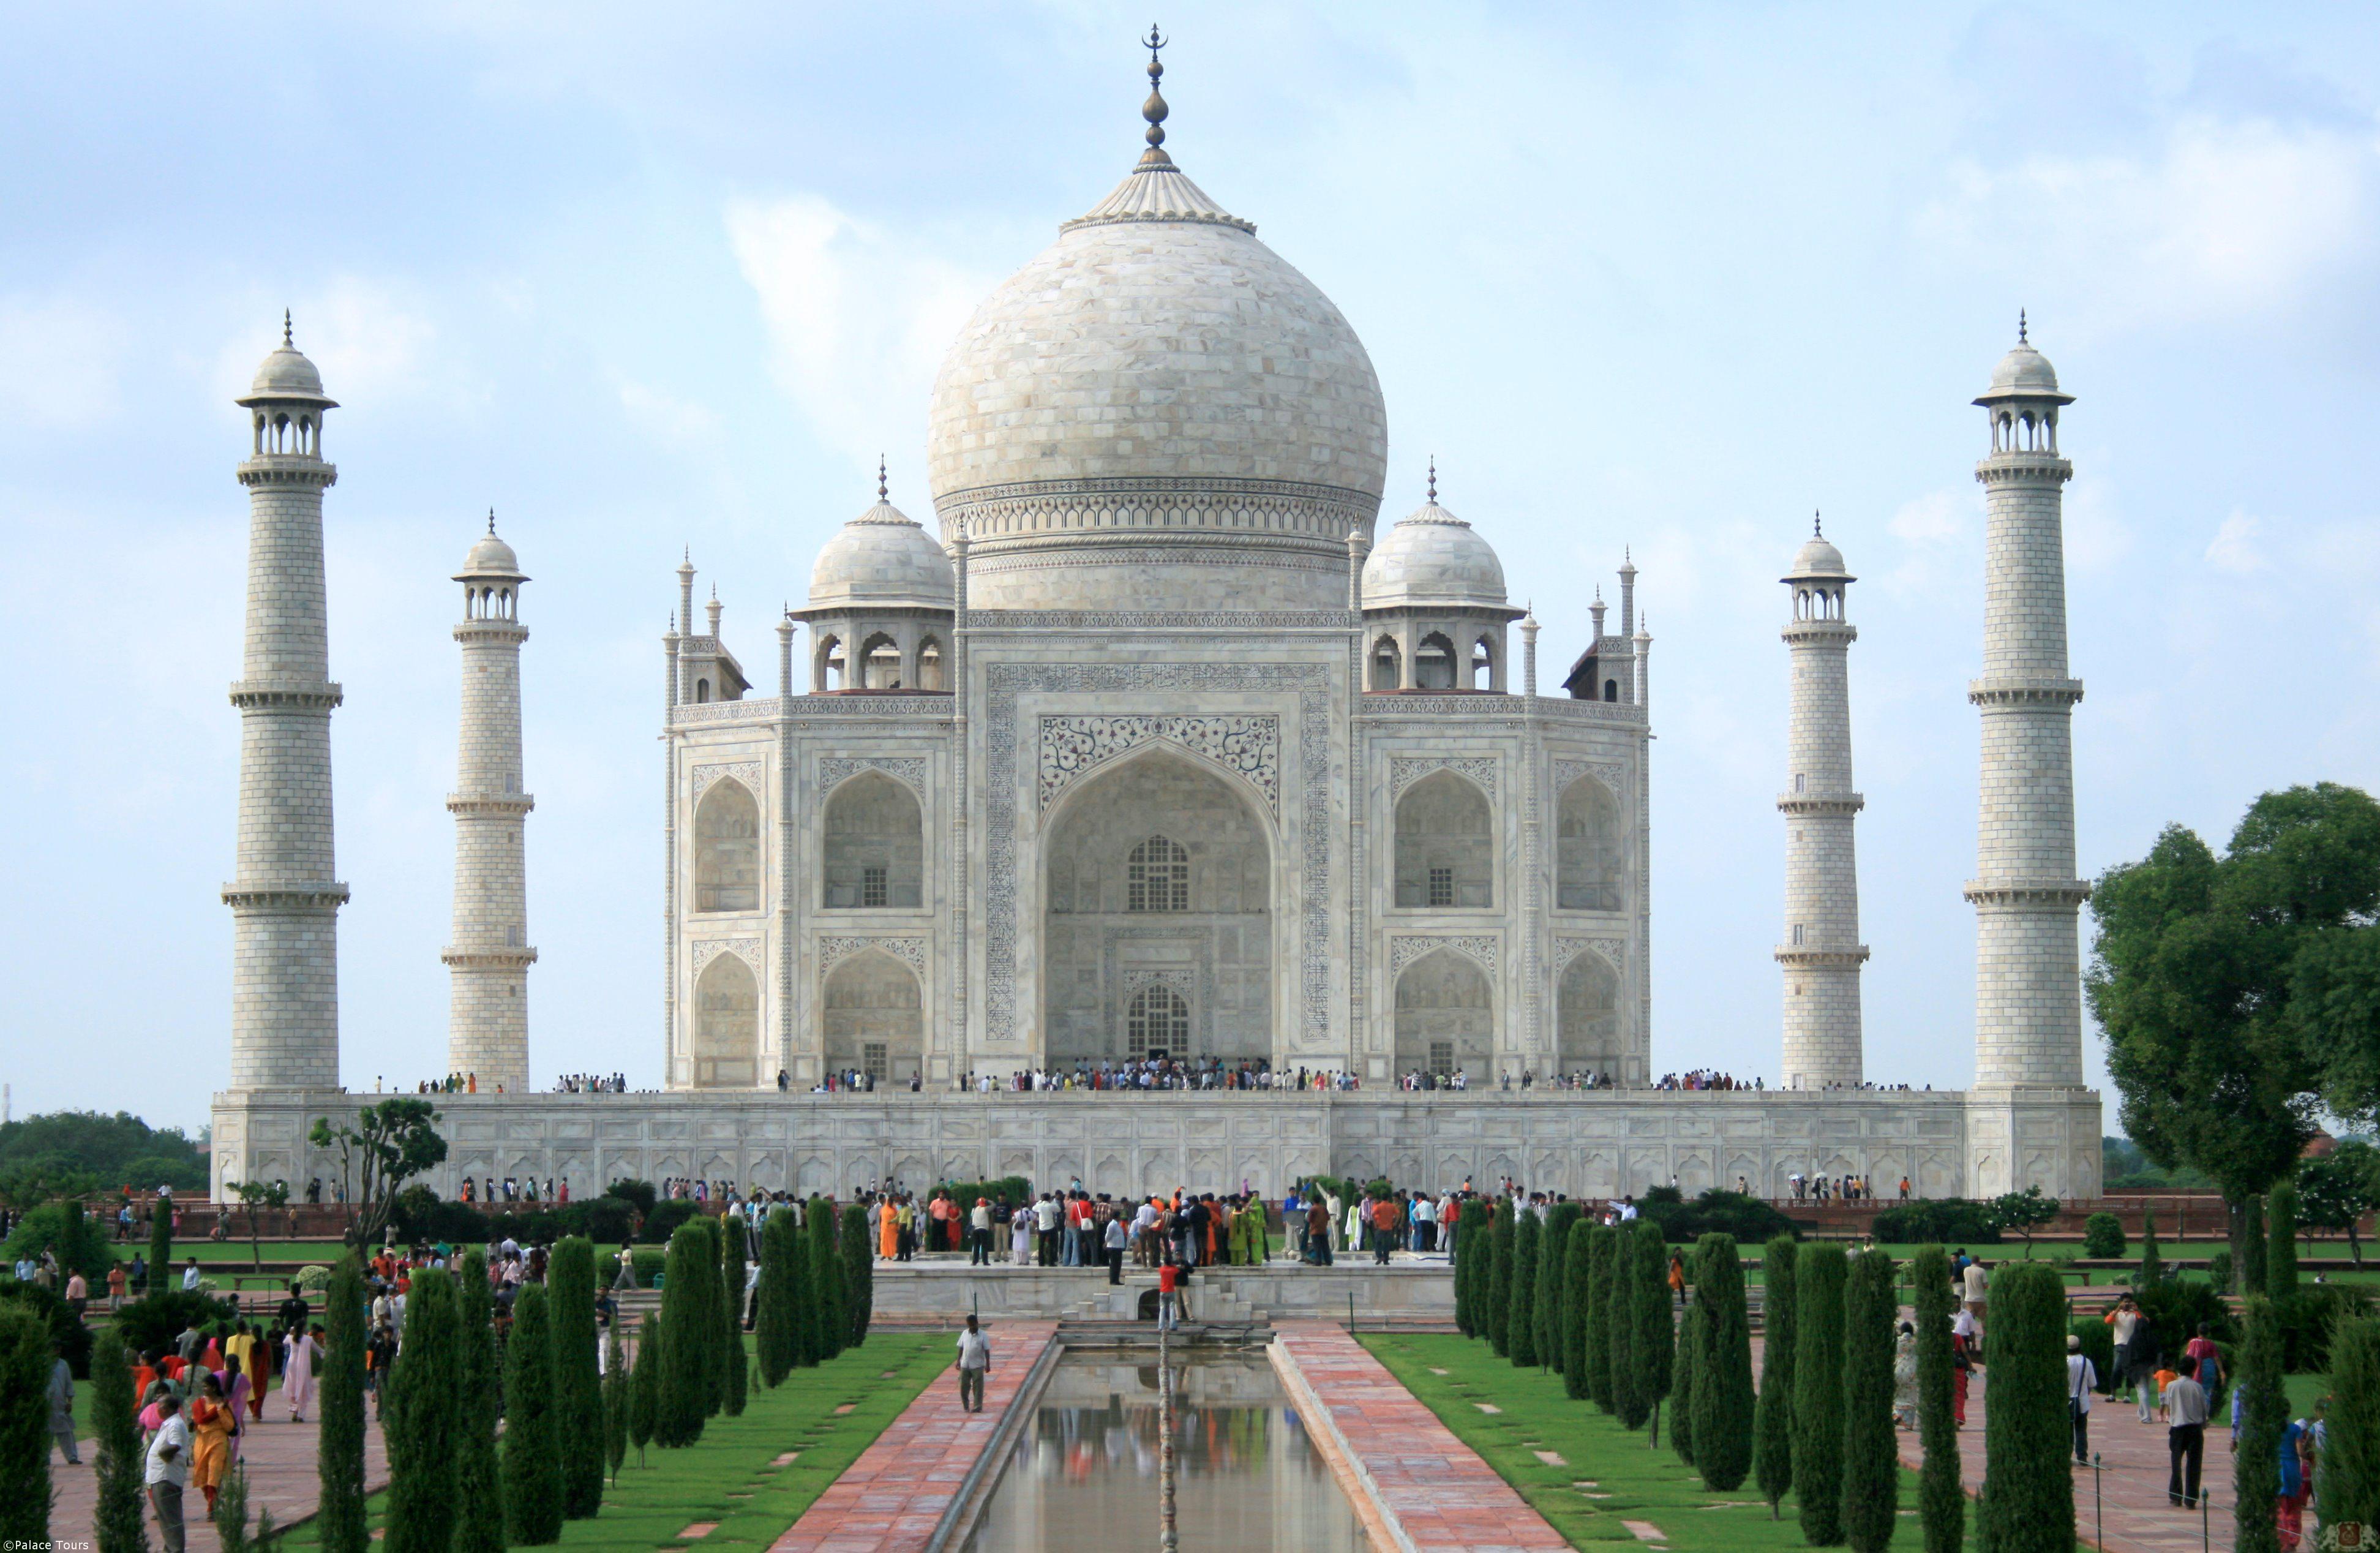 تاج محل Taj Mahal